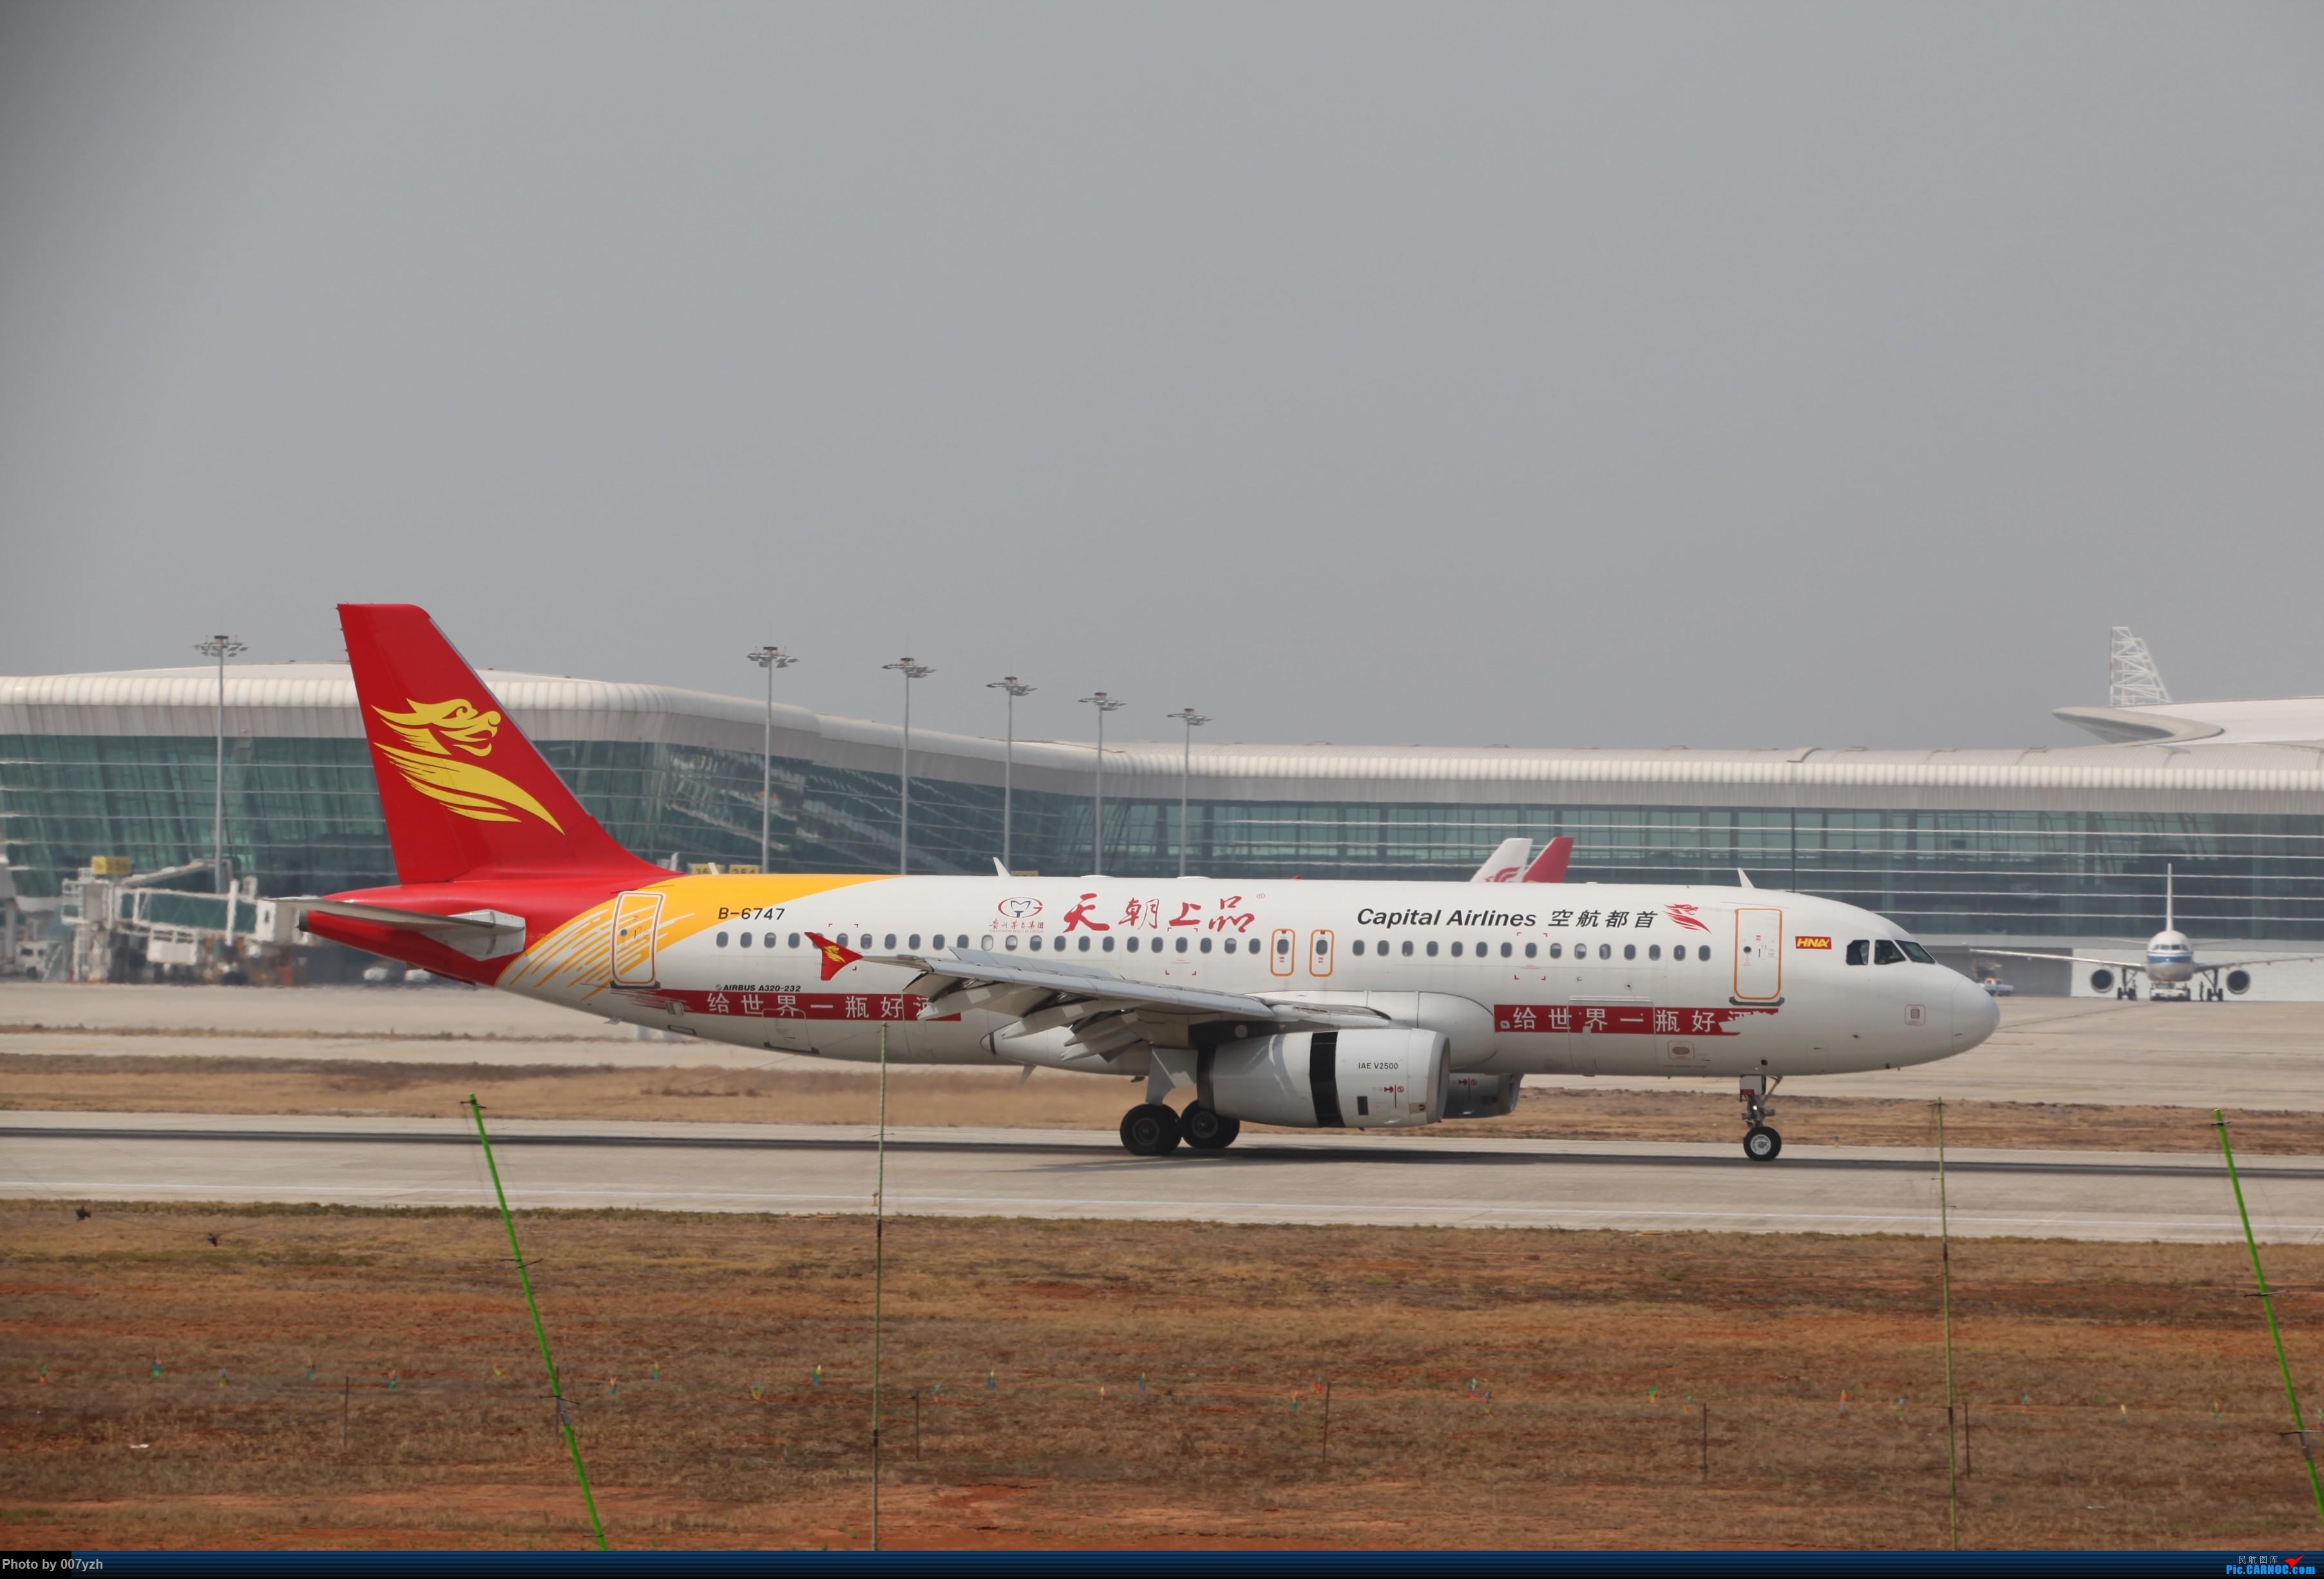 Re:[原创]WUH小拍,终于找到了在WUH拍机的组织 AIRBUS A320-200 B-6747 中国武汉天河国际机场